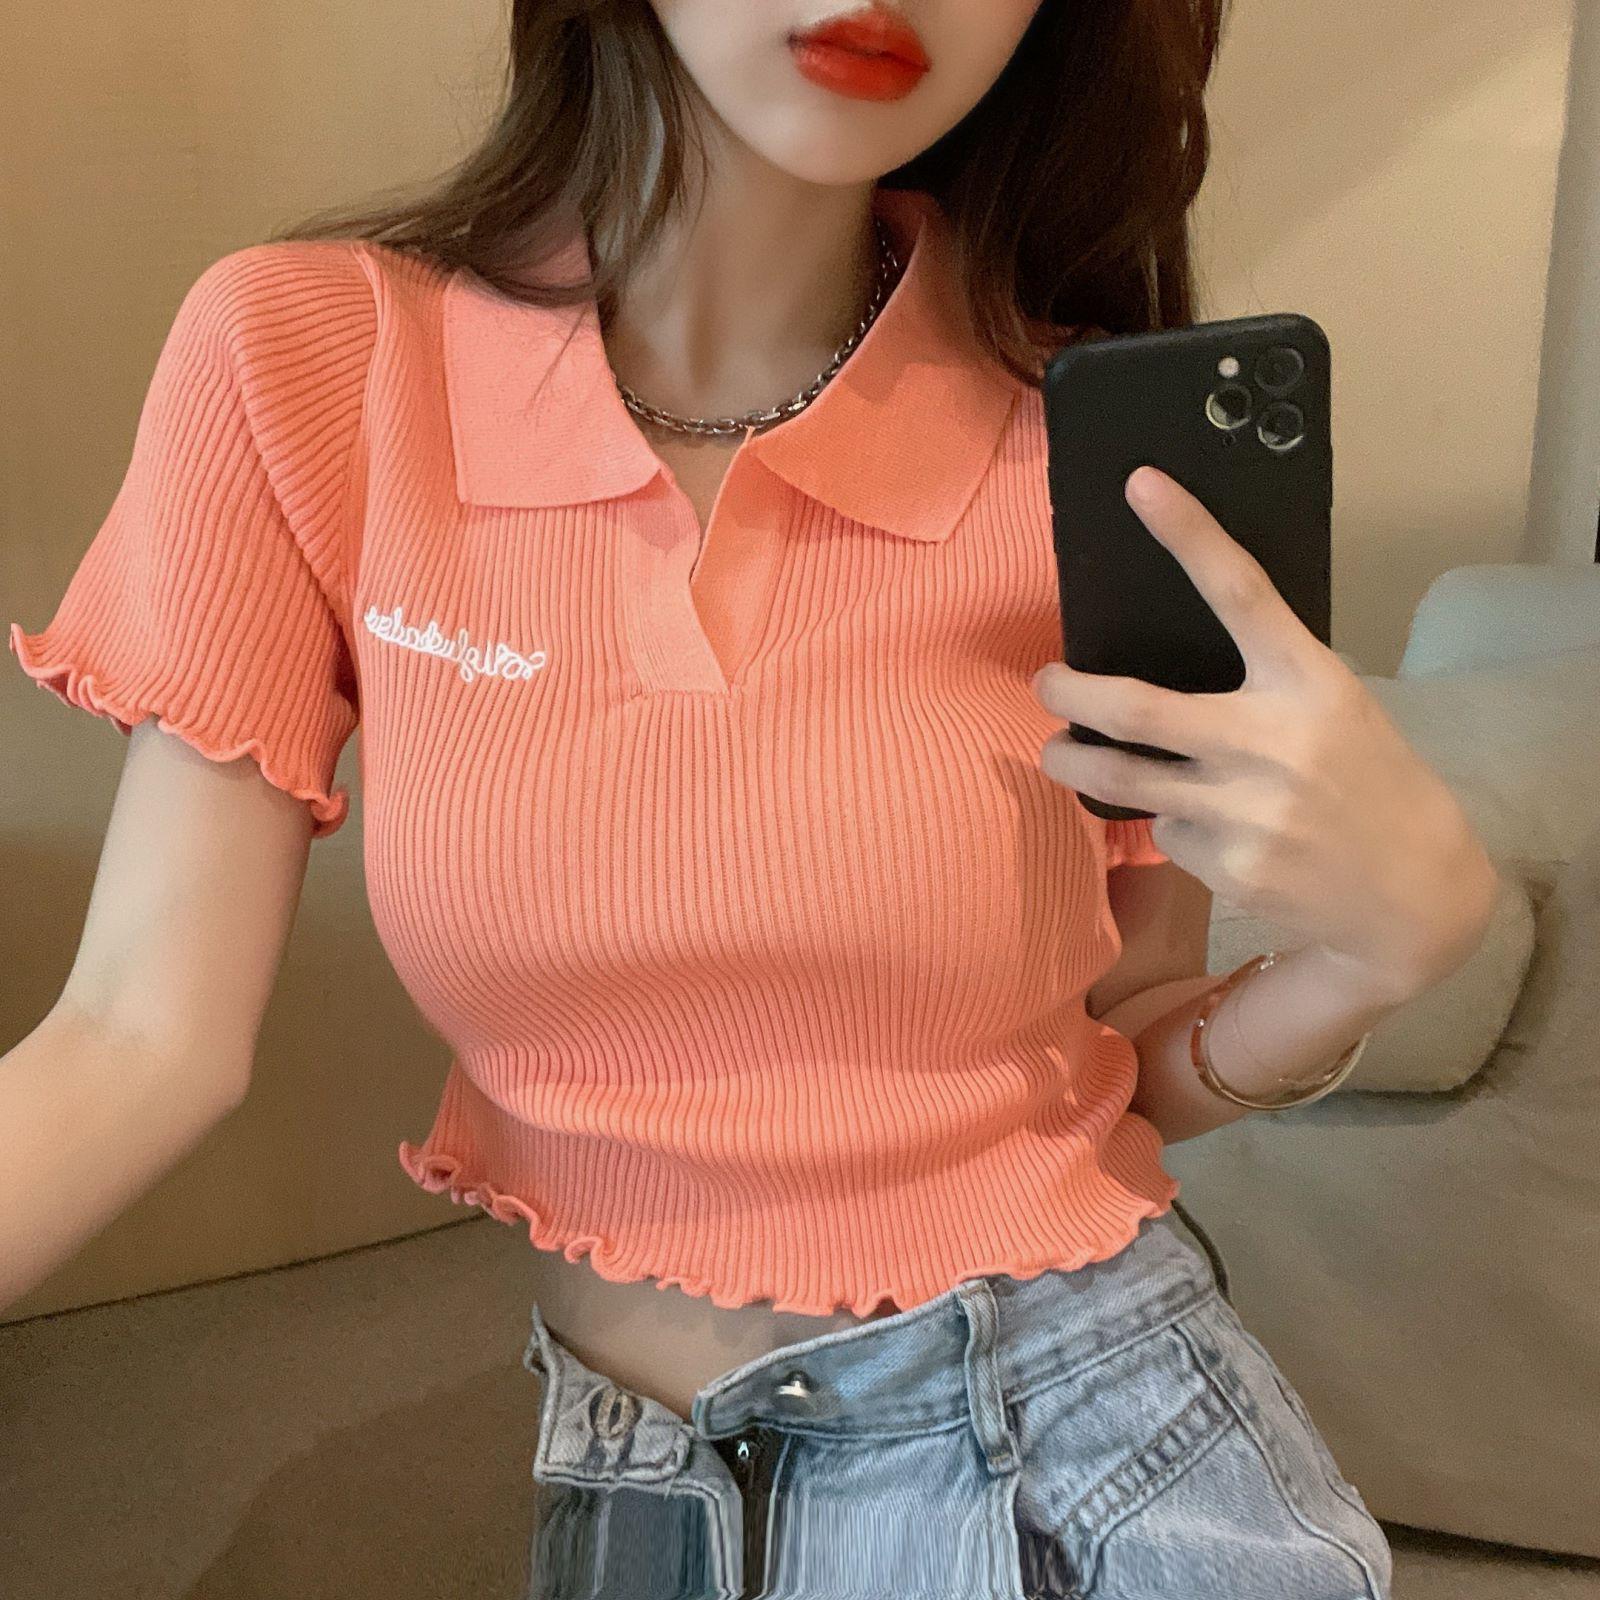 韓国 ファッション トップス Tシャツ カットソー 春 夏 カジュアル PTXK349  スキッパー リブ 襟付き ショート ウェーブ オルチャン シンプル 定番 セレカジの写真11枚目